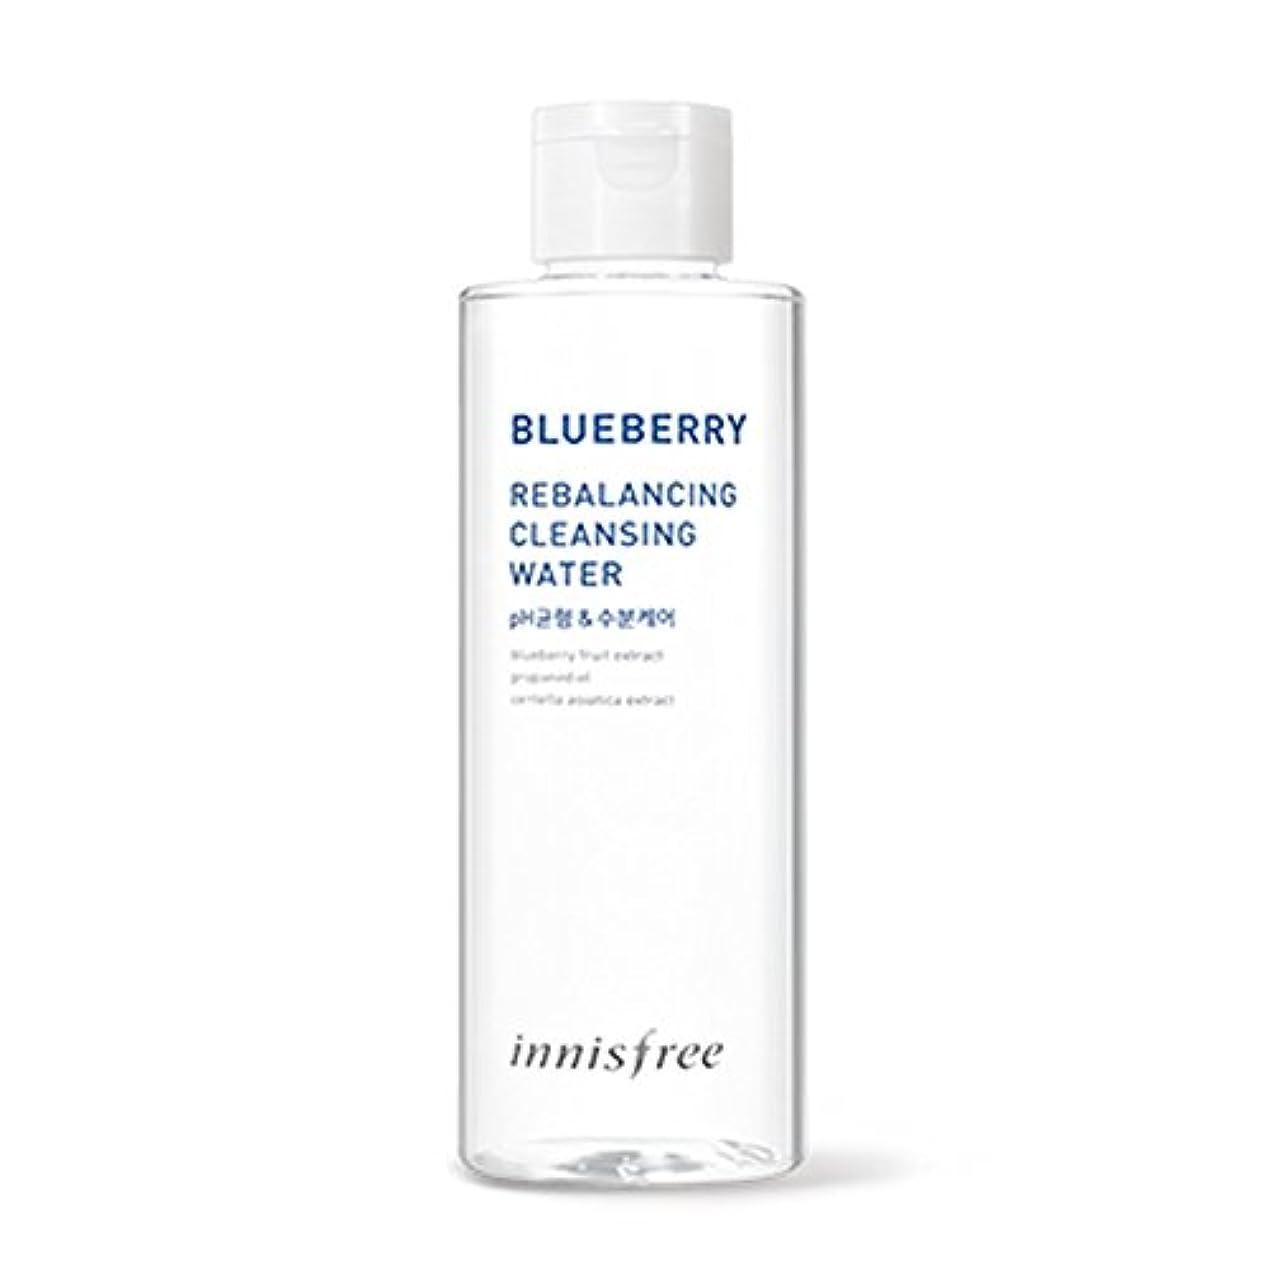 平行気性ただイニスフリーブルーベリーリバランシングクレンジングウォーター200ml Innisfree Blueberry Rebalancing Cleansing Water 200ml [海外直送品][並行輸入品]